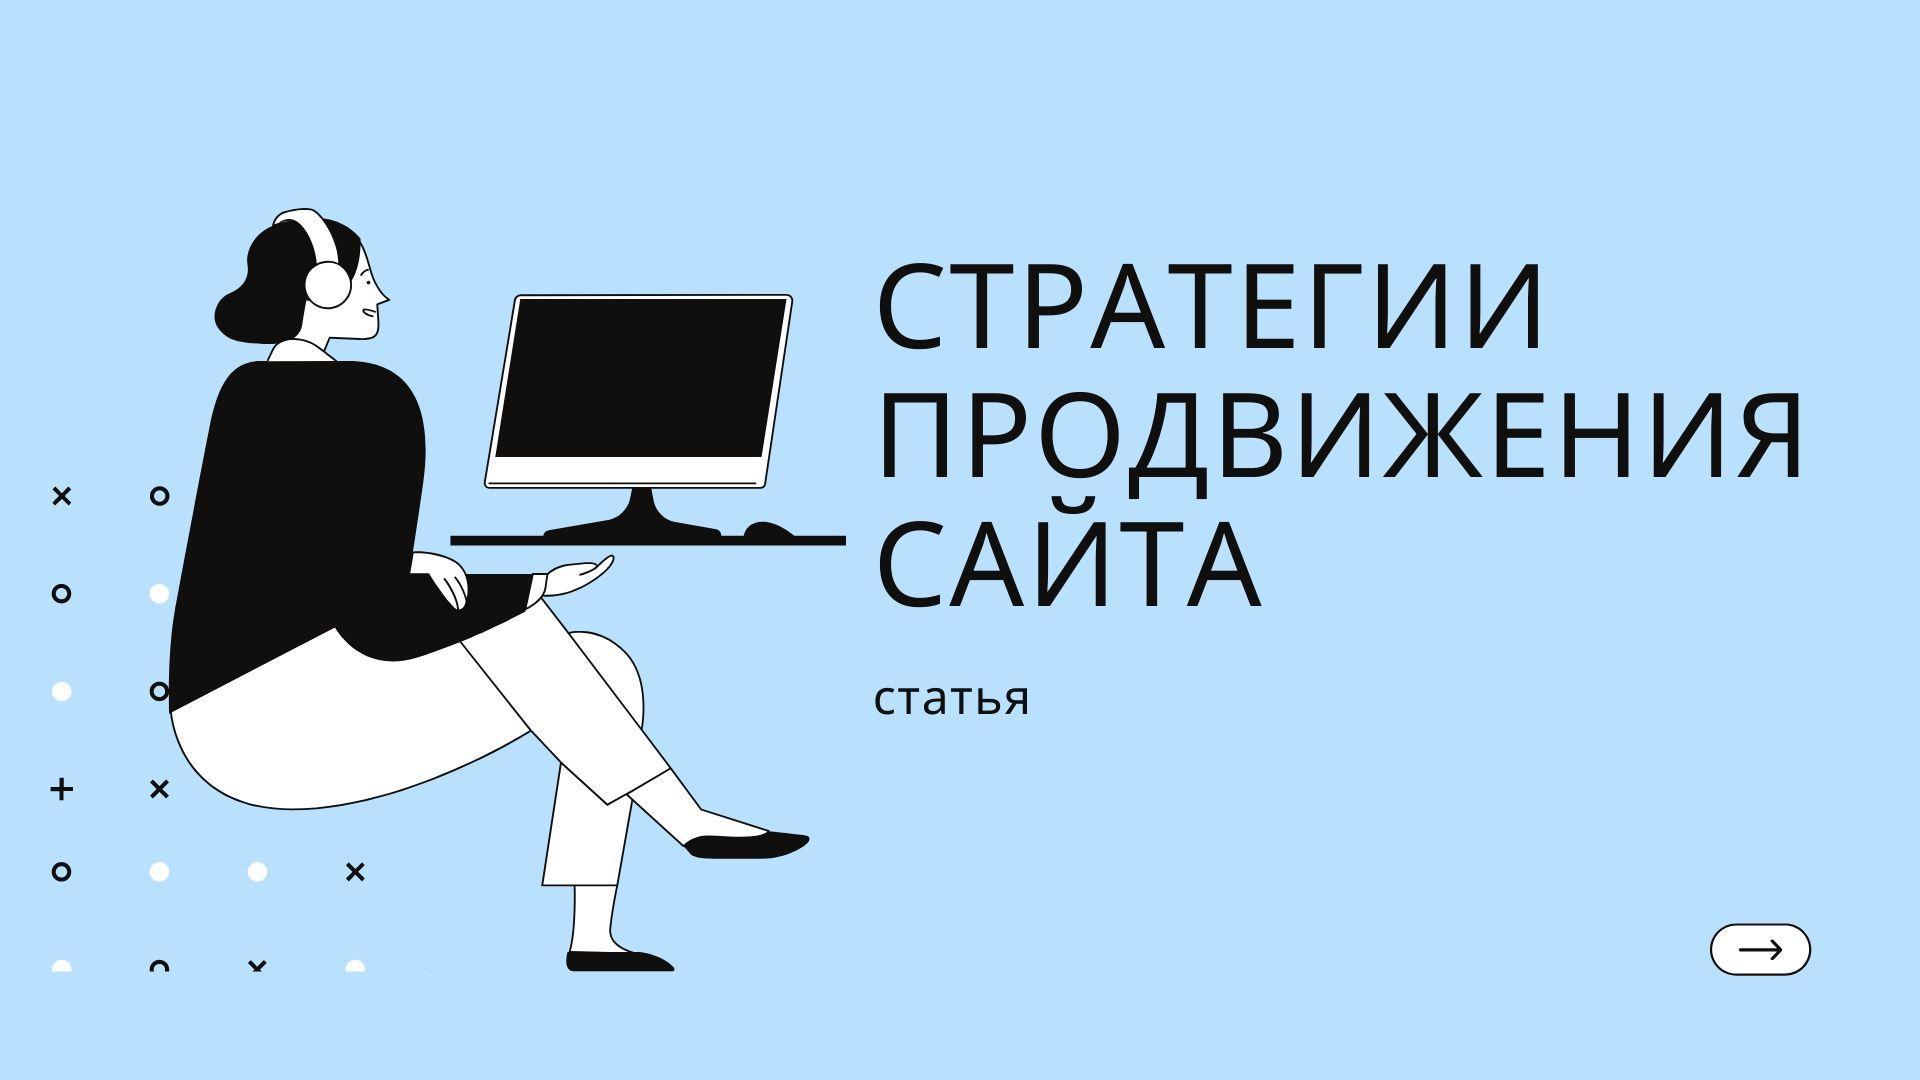 Стратегии продвижения сайта